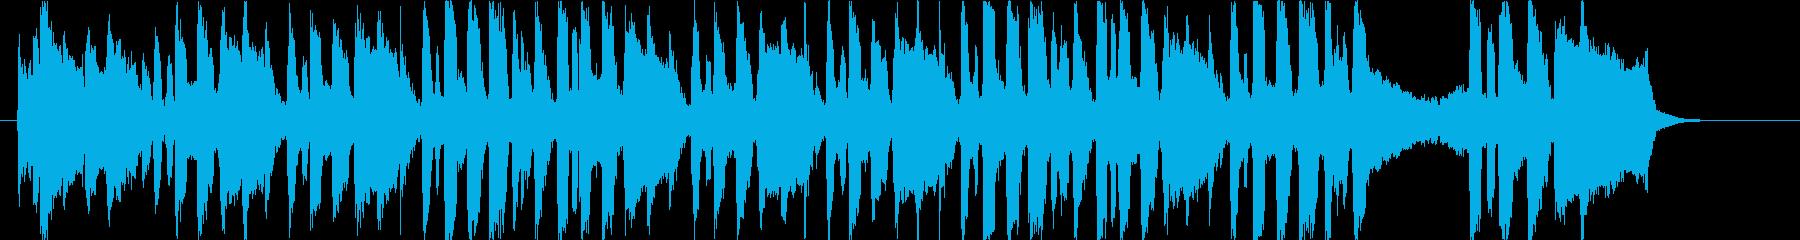 誕生日の歌(ワルツver) 【イズミ】の再生済みの波形